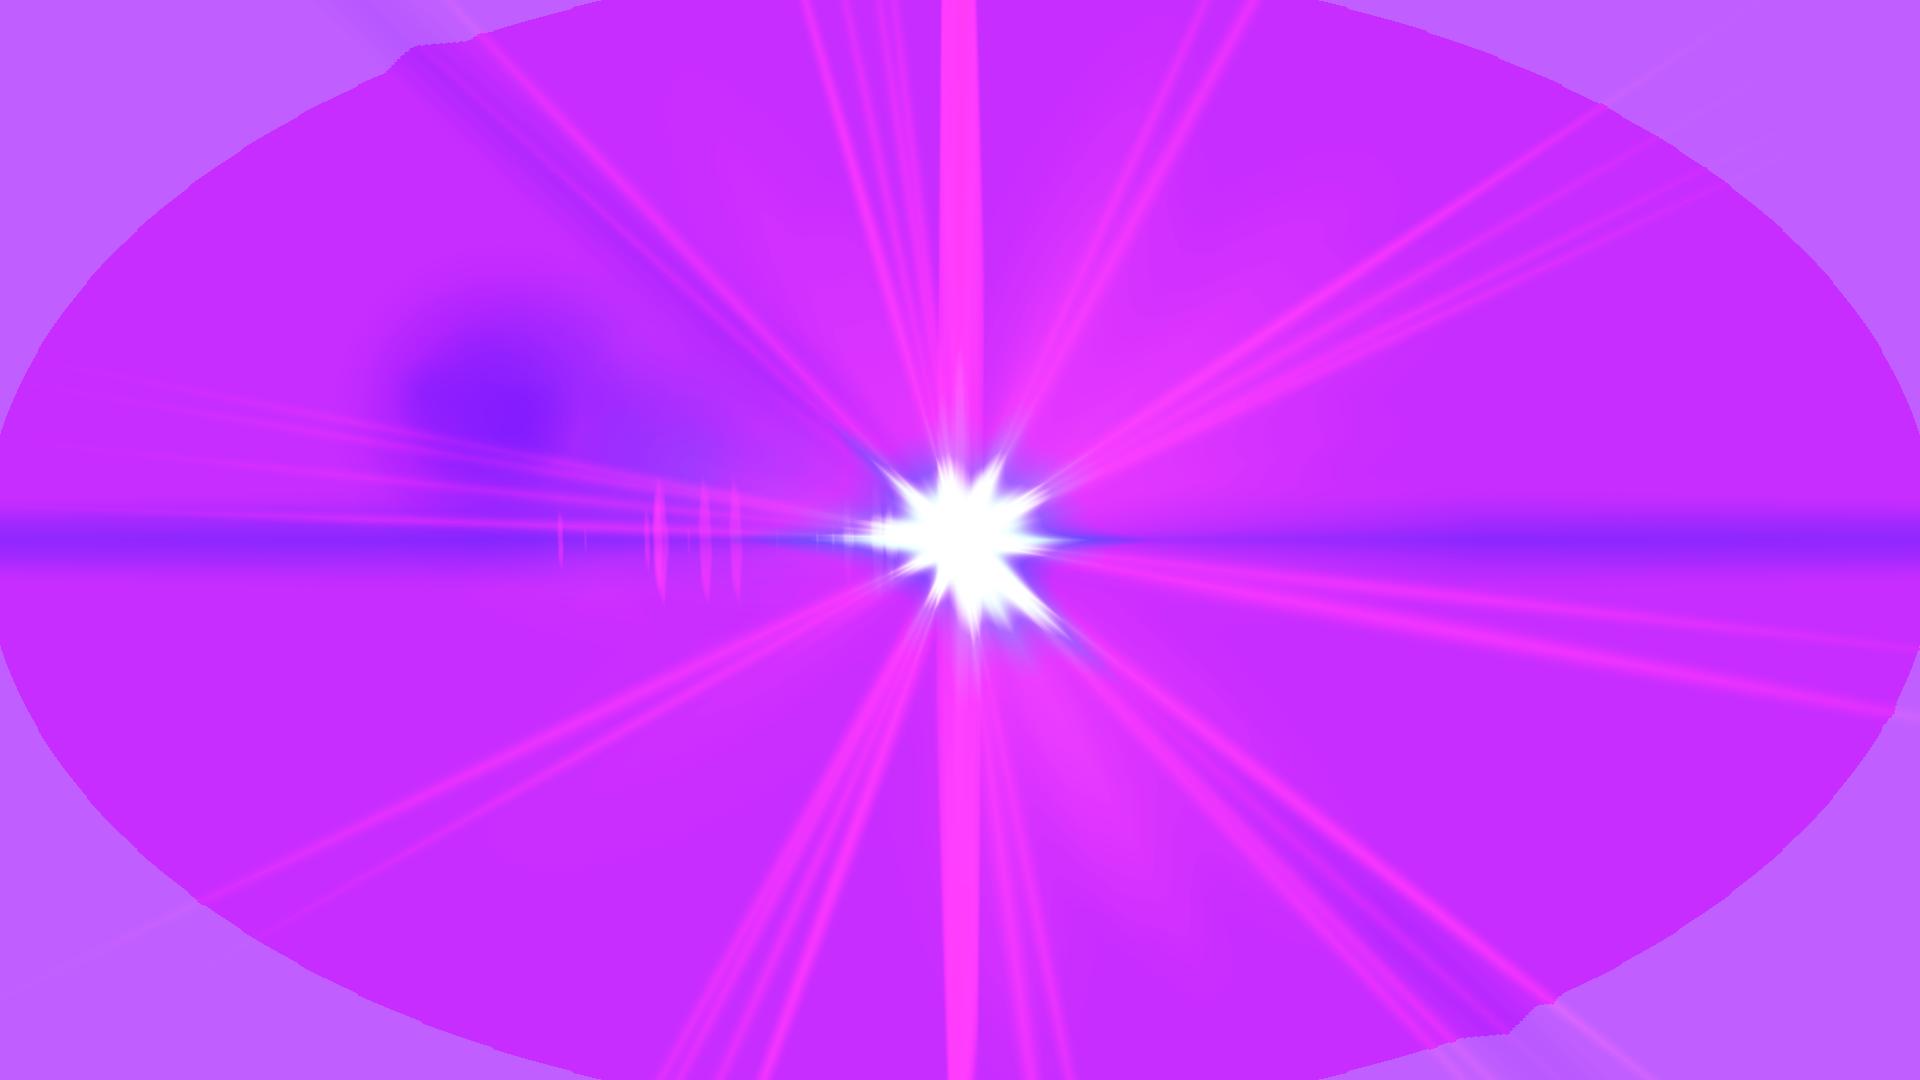 Pin By Mukelenge Delunda On Light Effects Lens Flare Eyes Meme Light Flare